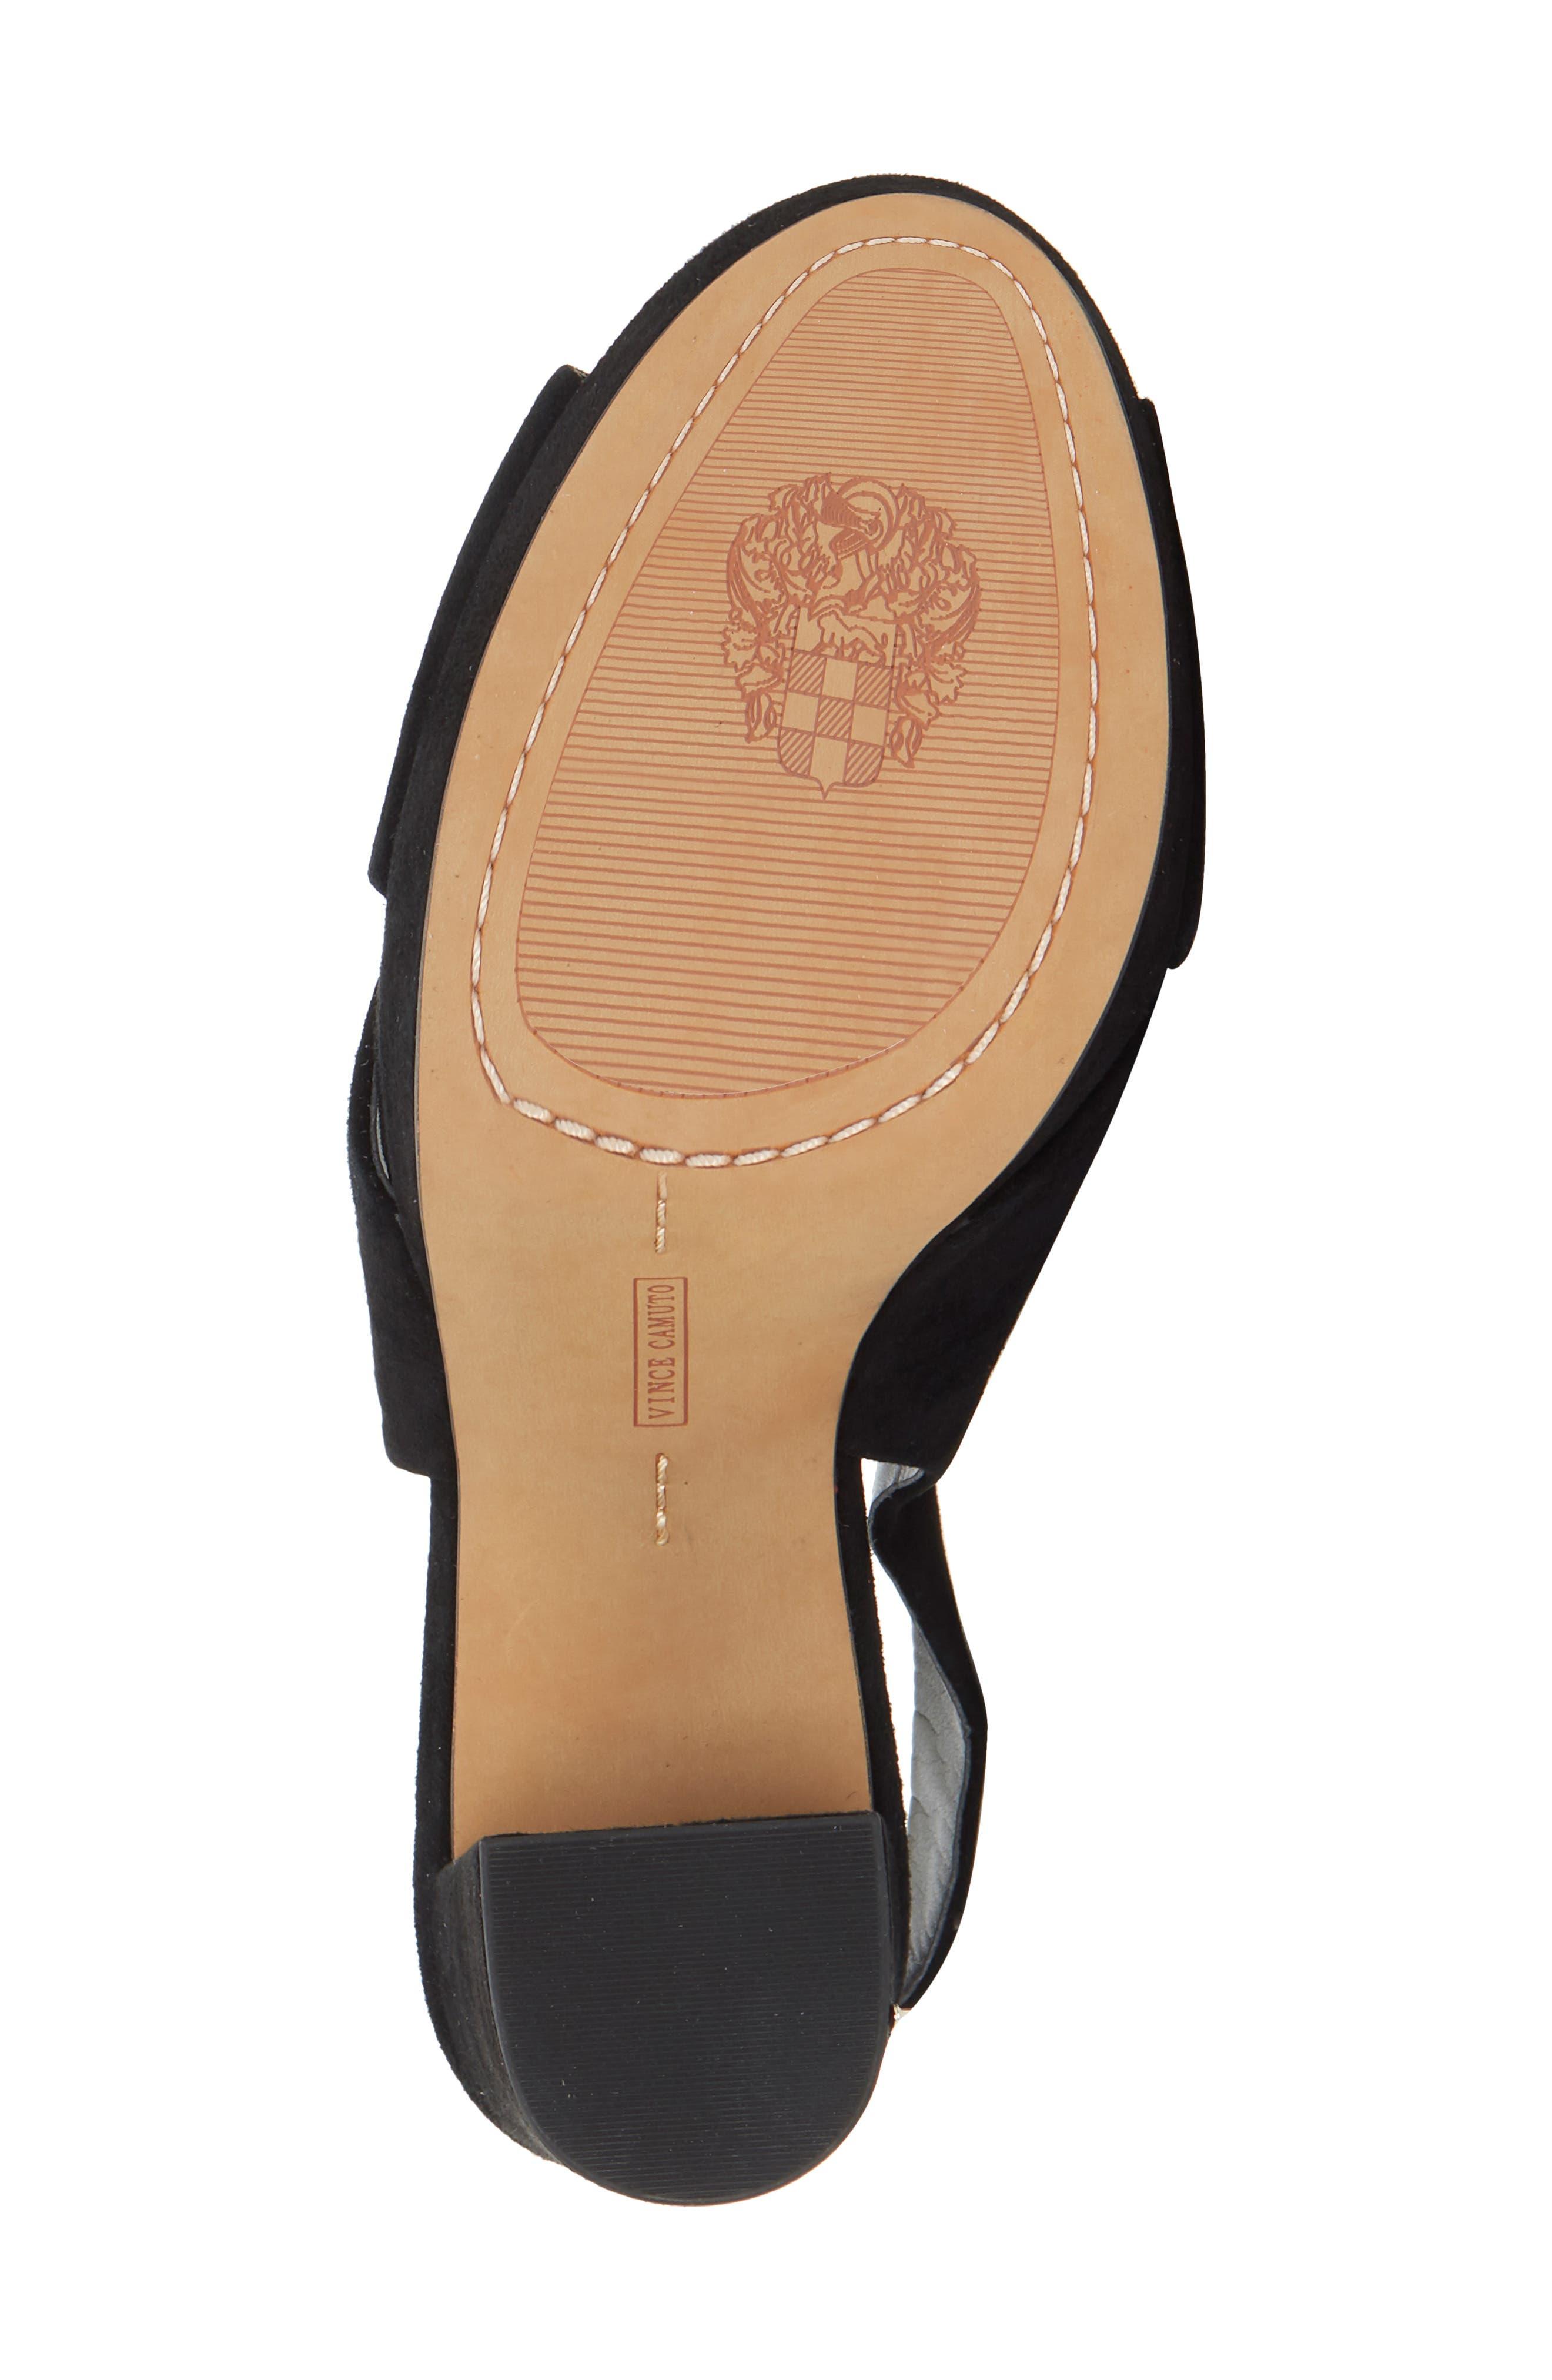 VINCE CAMUTO, Slingback Platform Sandal, Alternate thumbnail 6, color, BLACK 01 SUEDE